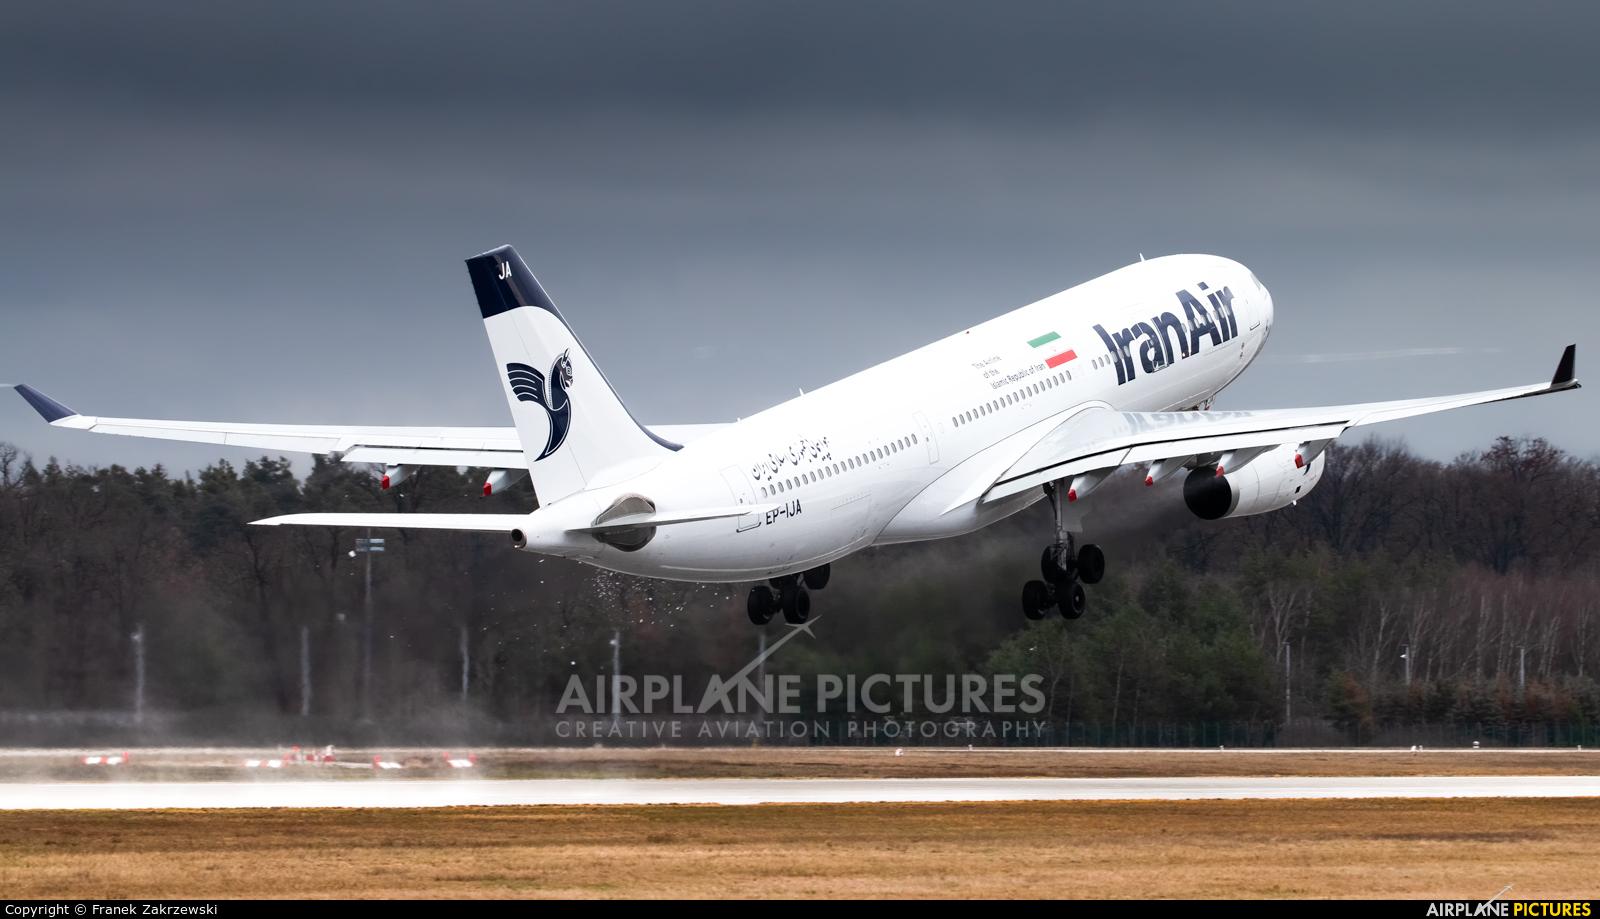 Iran Air EP-IJA aircraft at Frankfurt